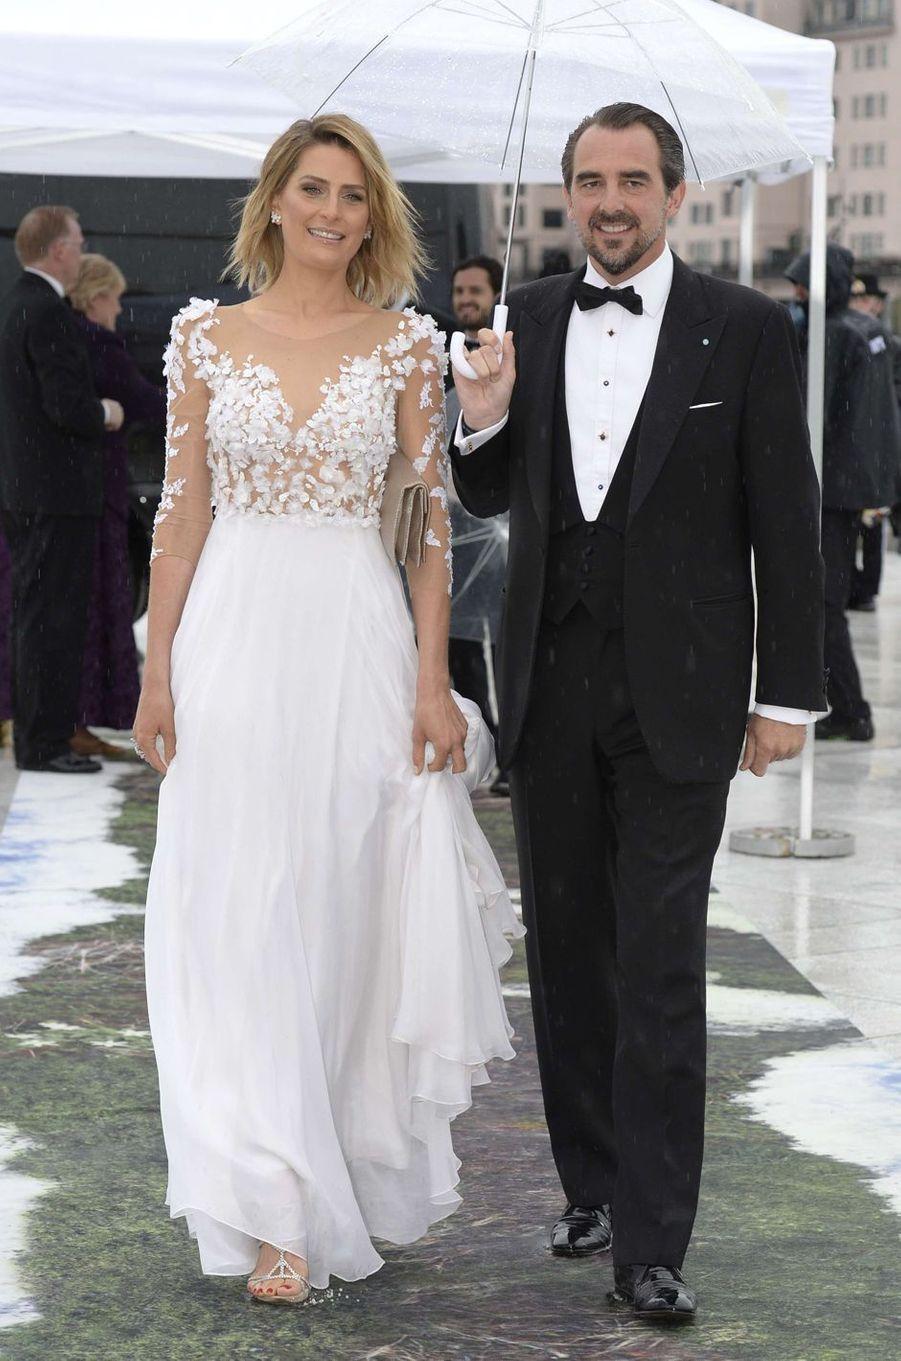 La princesse Tatiana et le prince Nikolaos de Grèce à Oslo, le 10 mai 2017